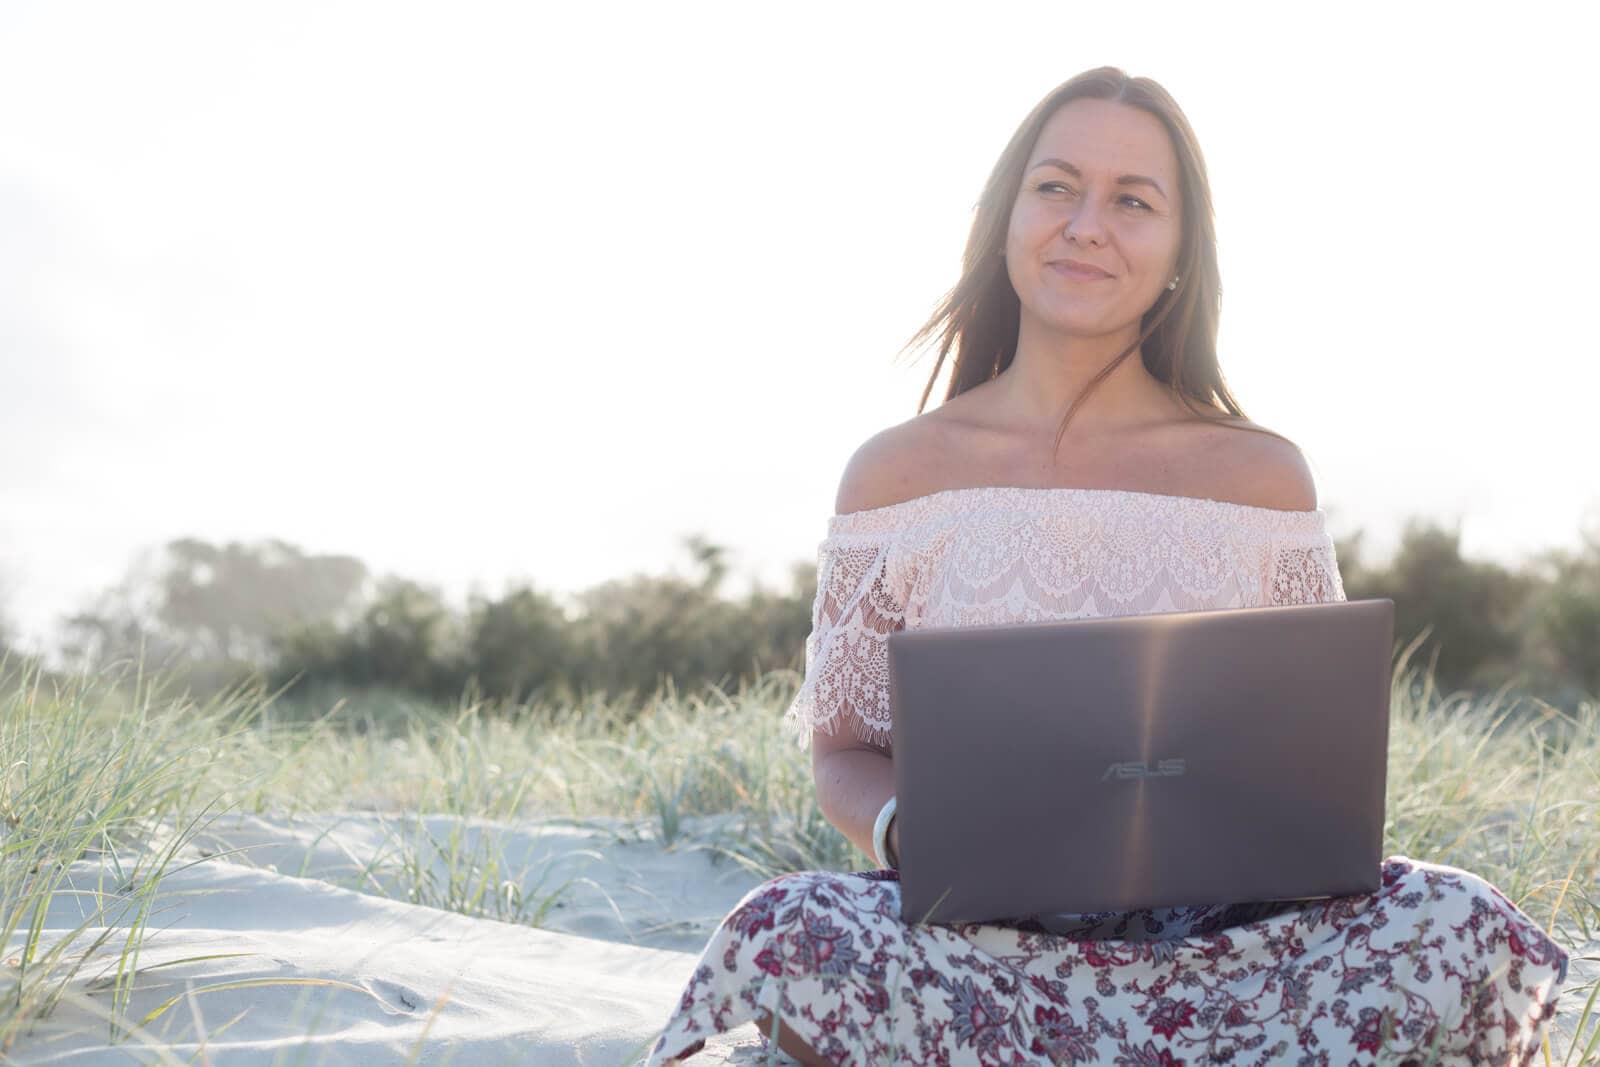 Digital Nomad Soul - one of the best digital nomad blogs